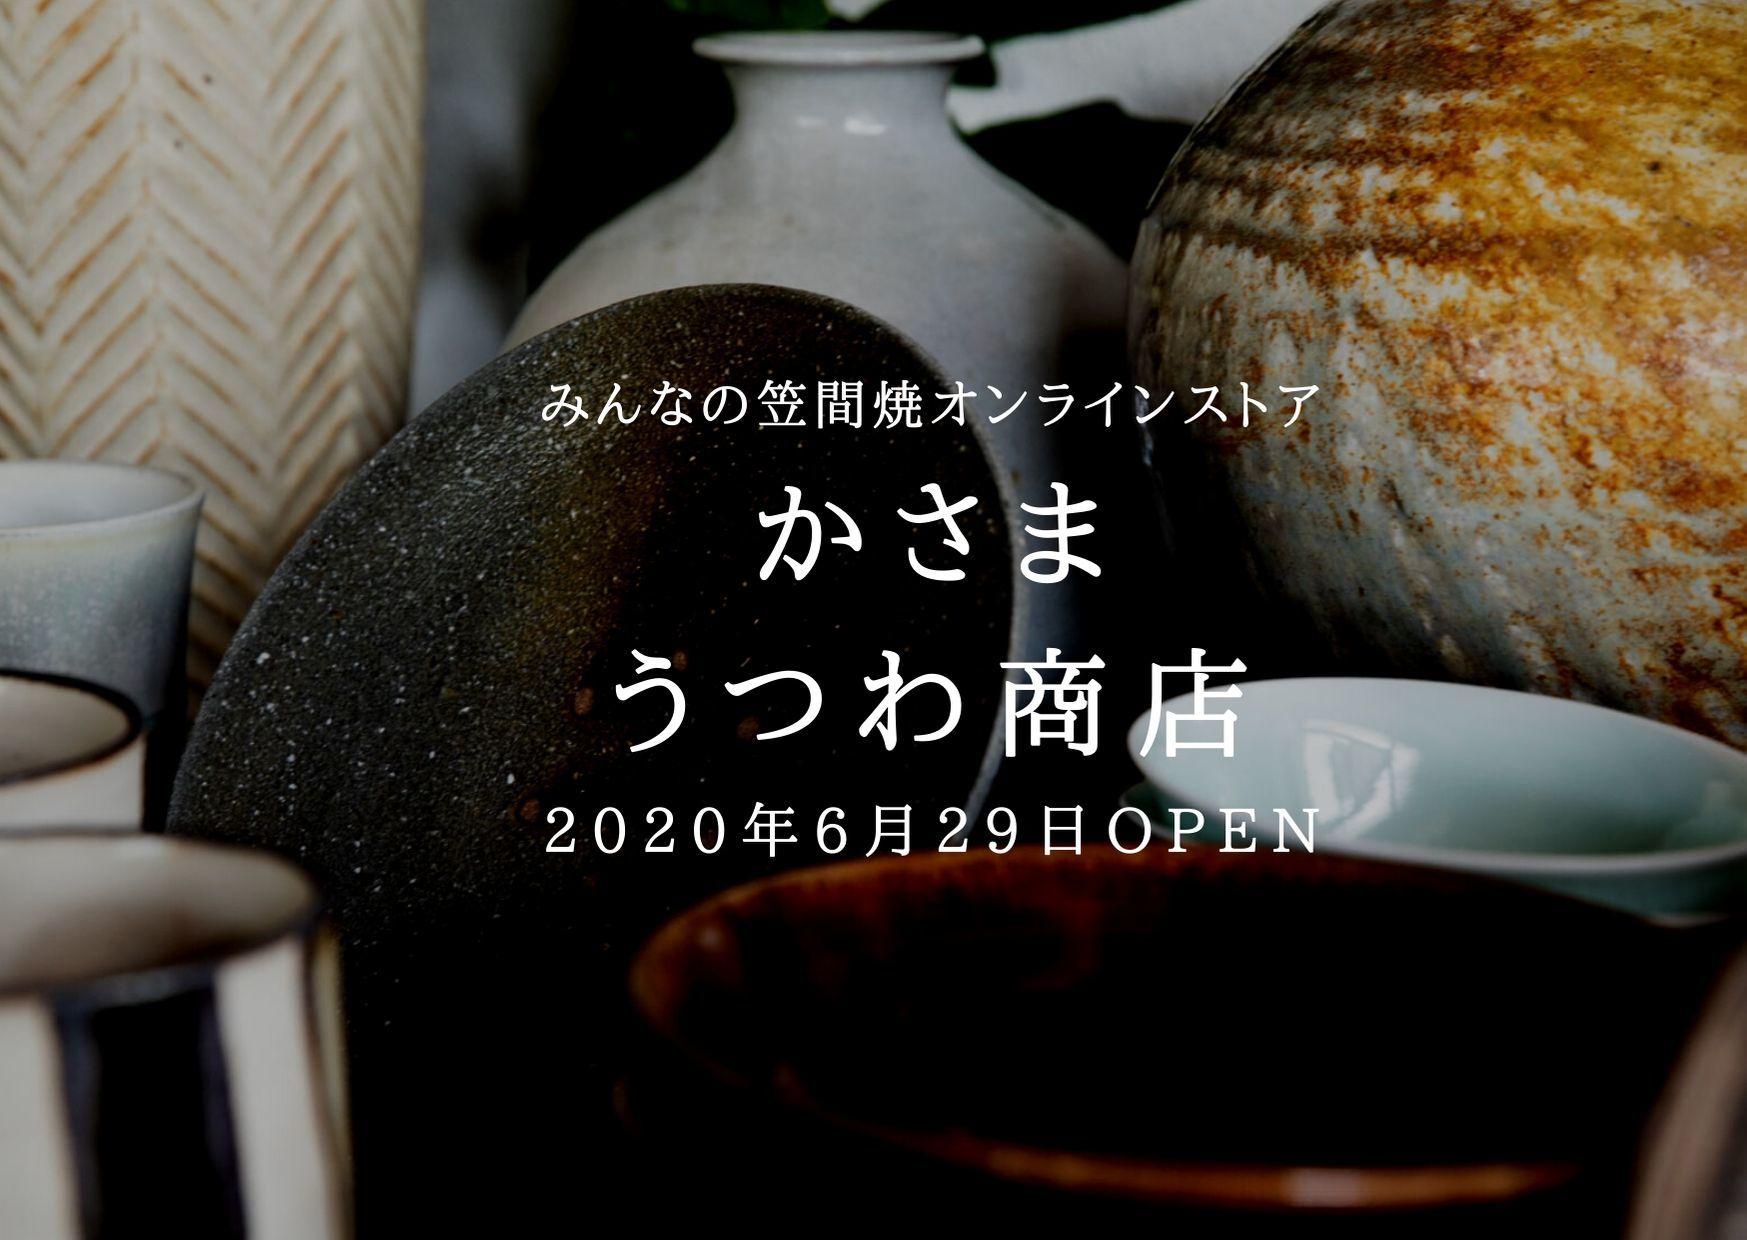 まもなくオープン! オンラインストア【かさまうつわ商店】_f0229883_07444188.jpg